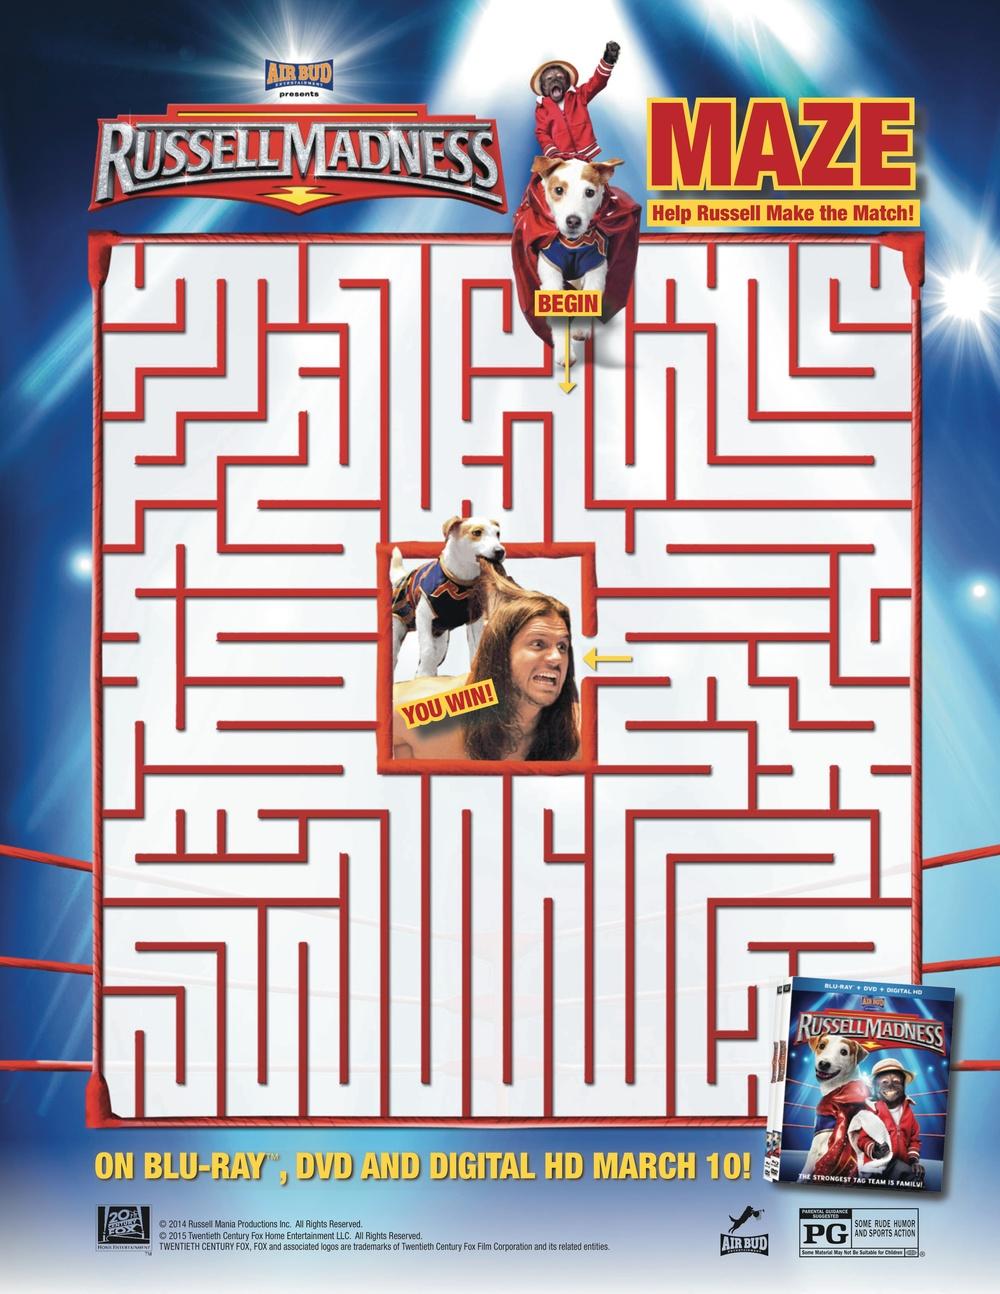 Russell Madness-maze (1).jpg